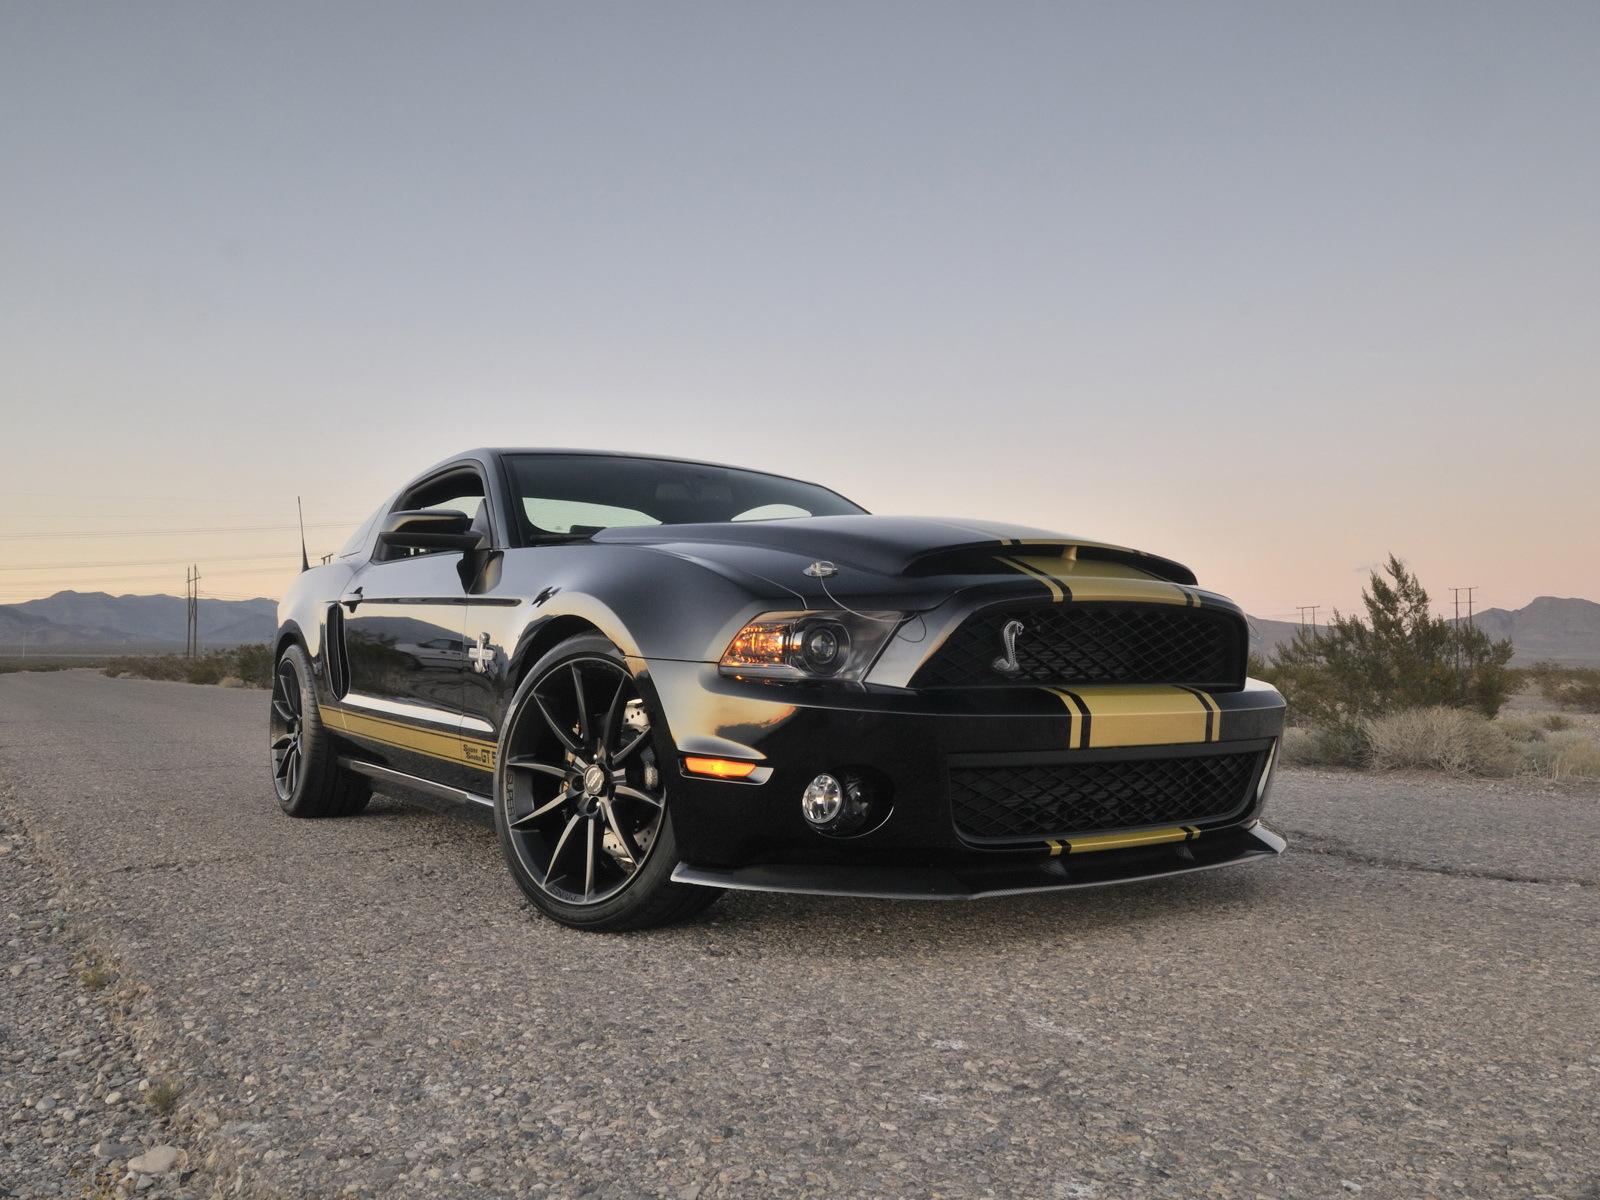 18510 скачать обои Транспорт, Машины, Мустанг (Mustang) - заставки и картинки бесплатно